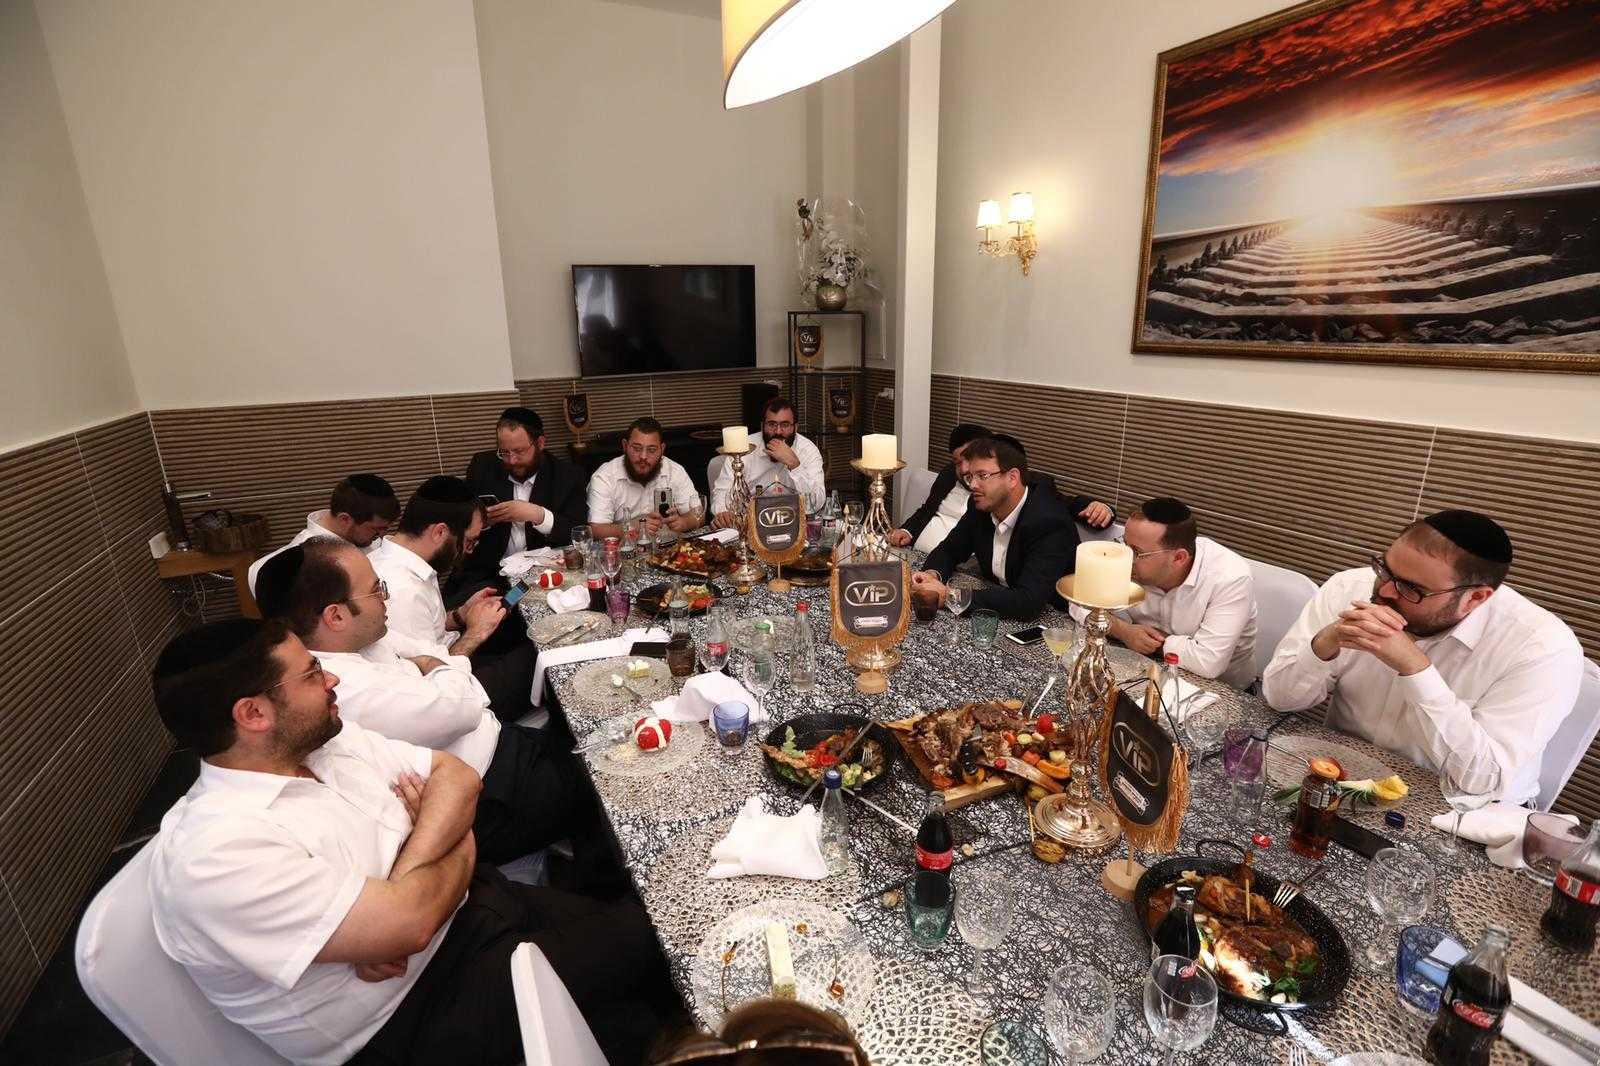 סיקור מצולם: עיתונאים חרדים באירוע השקה לחדר VIP במסעדה היהודית 10